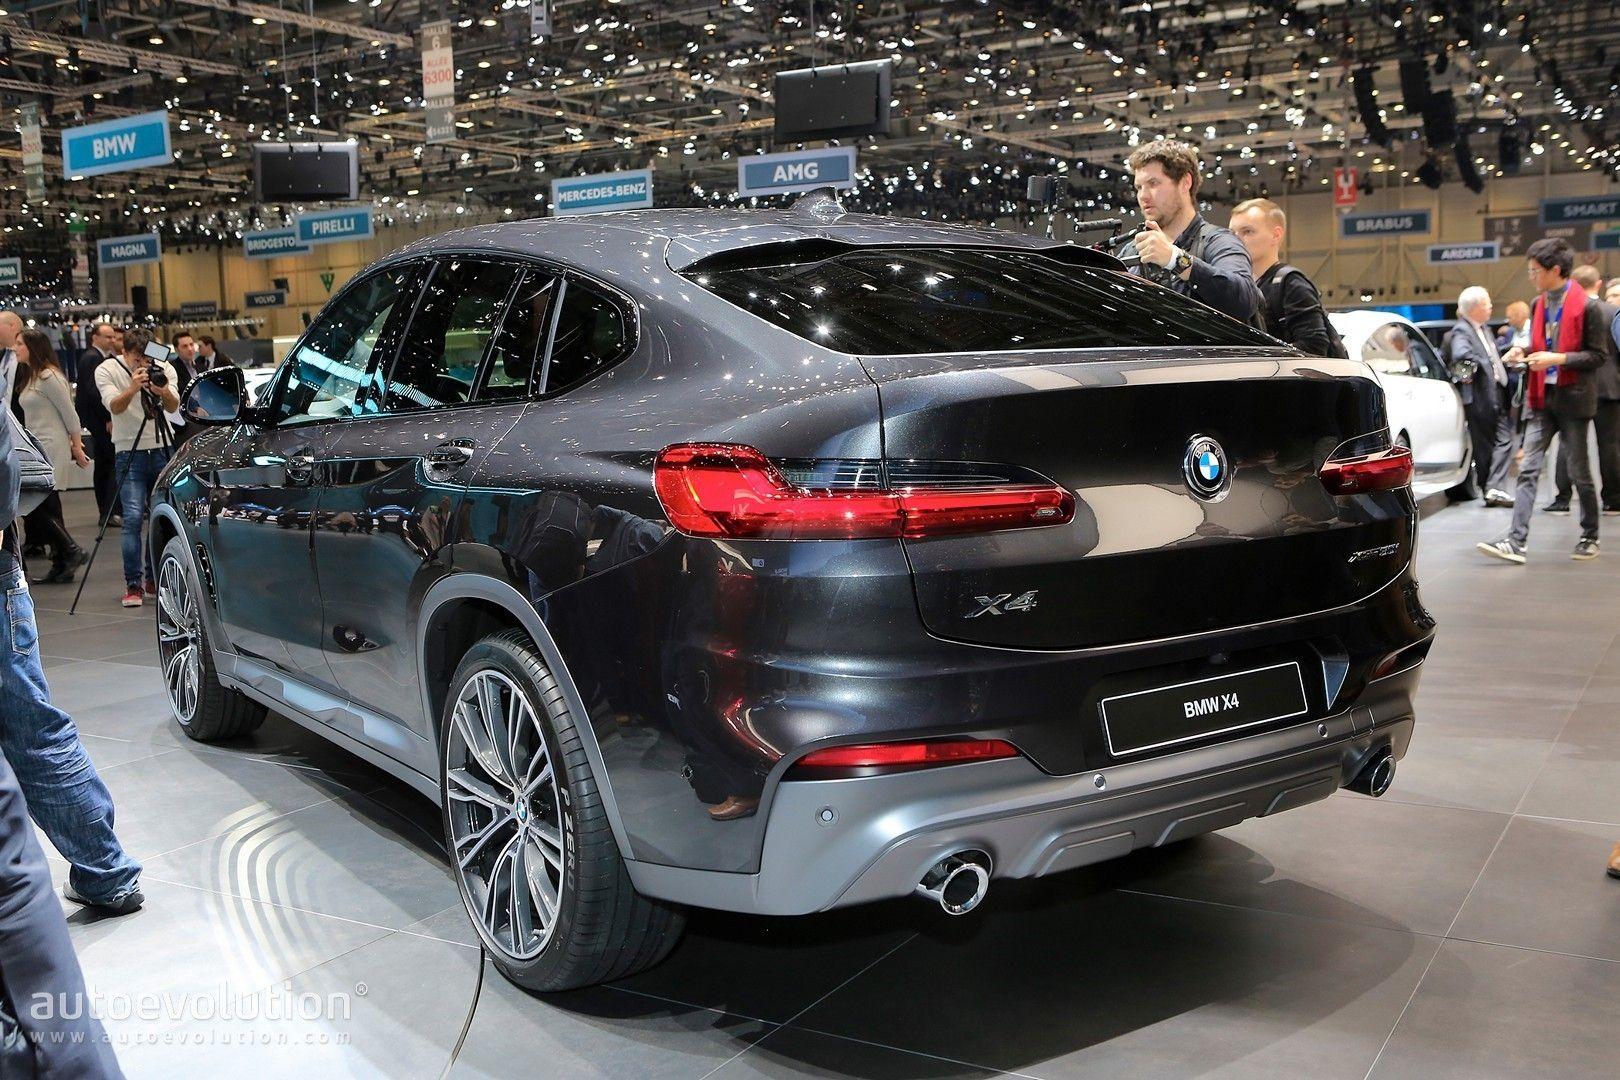 The Best Bmw X6 2019 Picture Bmw X6 Bmw Car